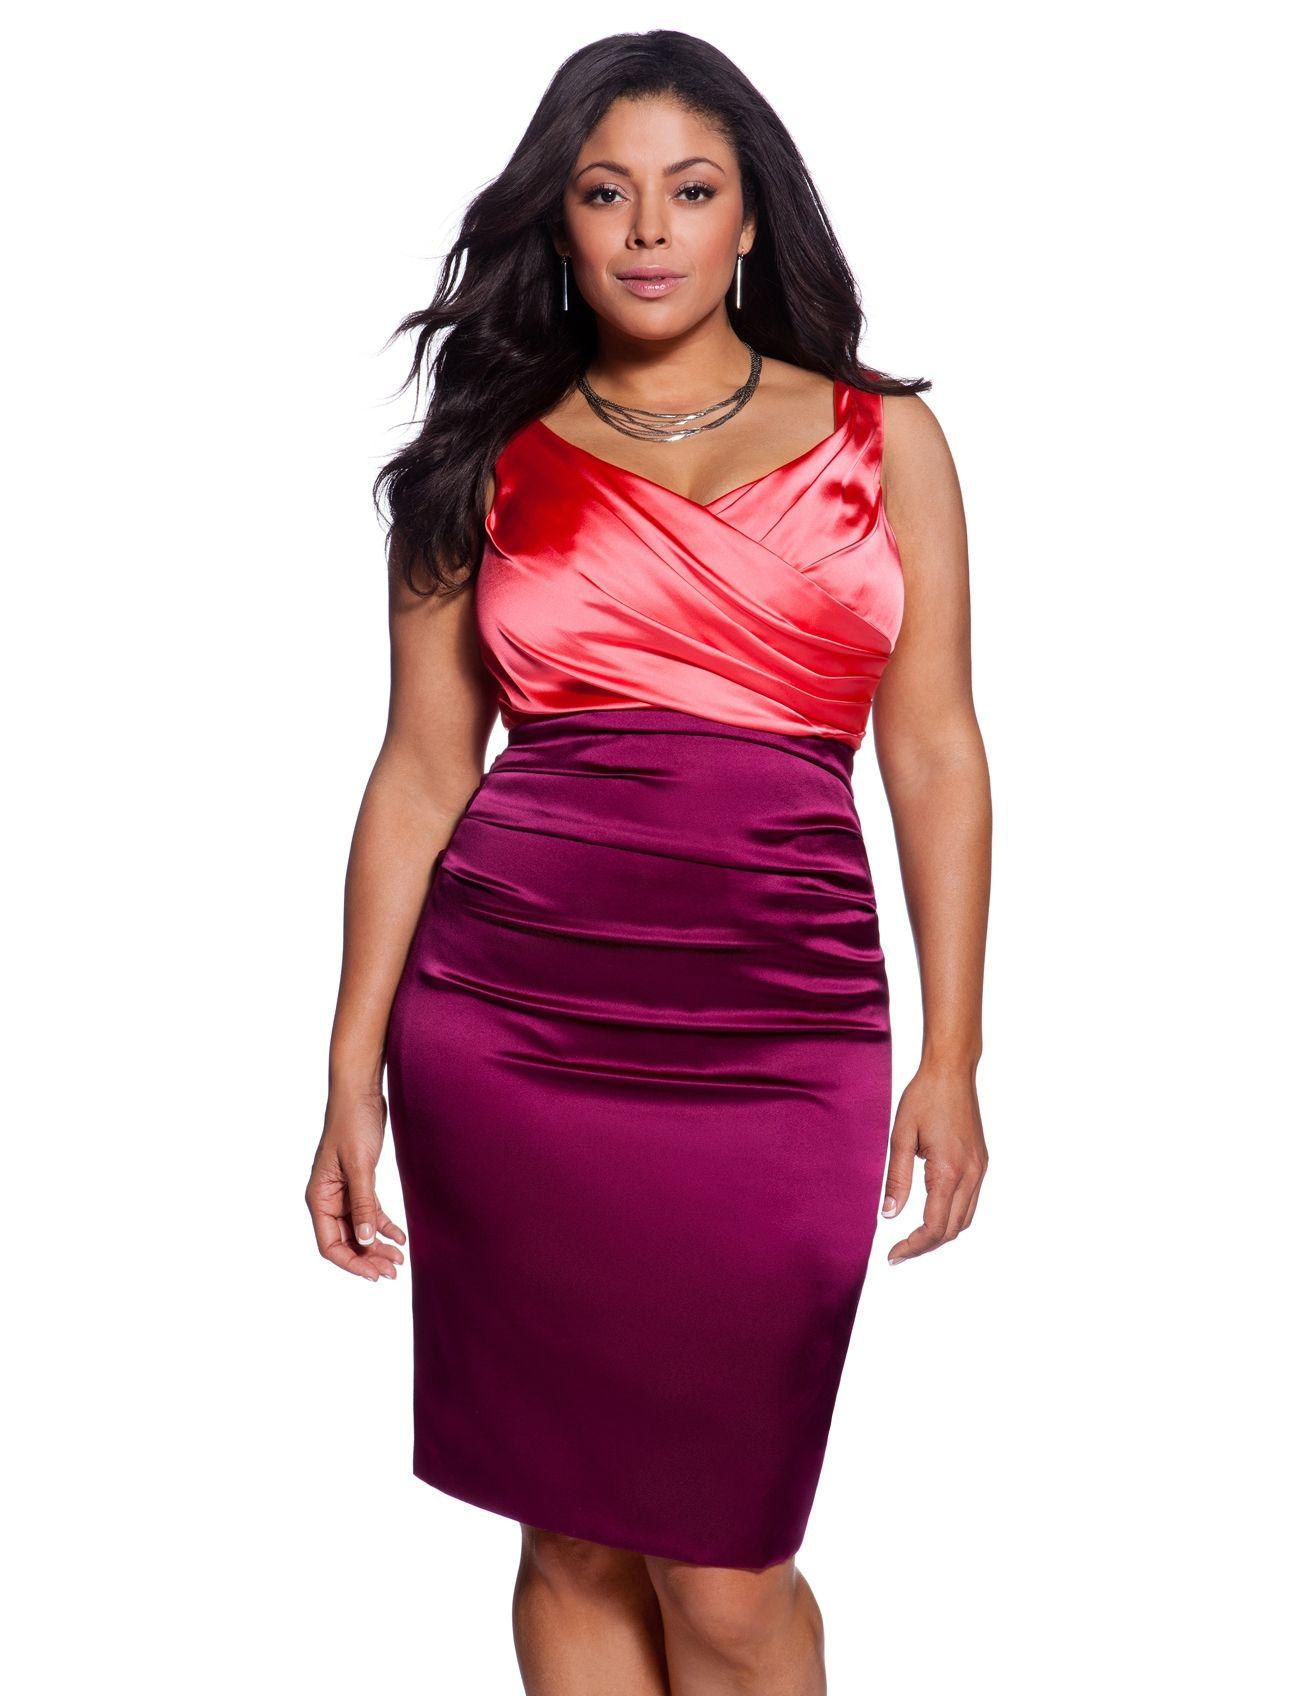 Ruched Colorblock Dress Womens Dresses Plus Size Dresses